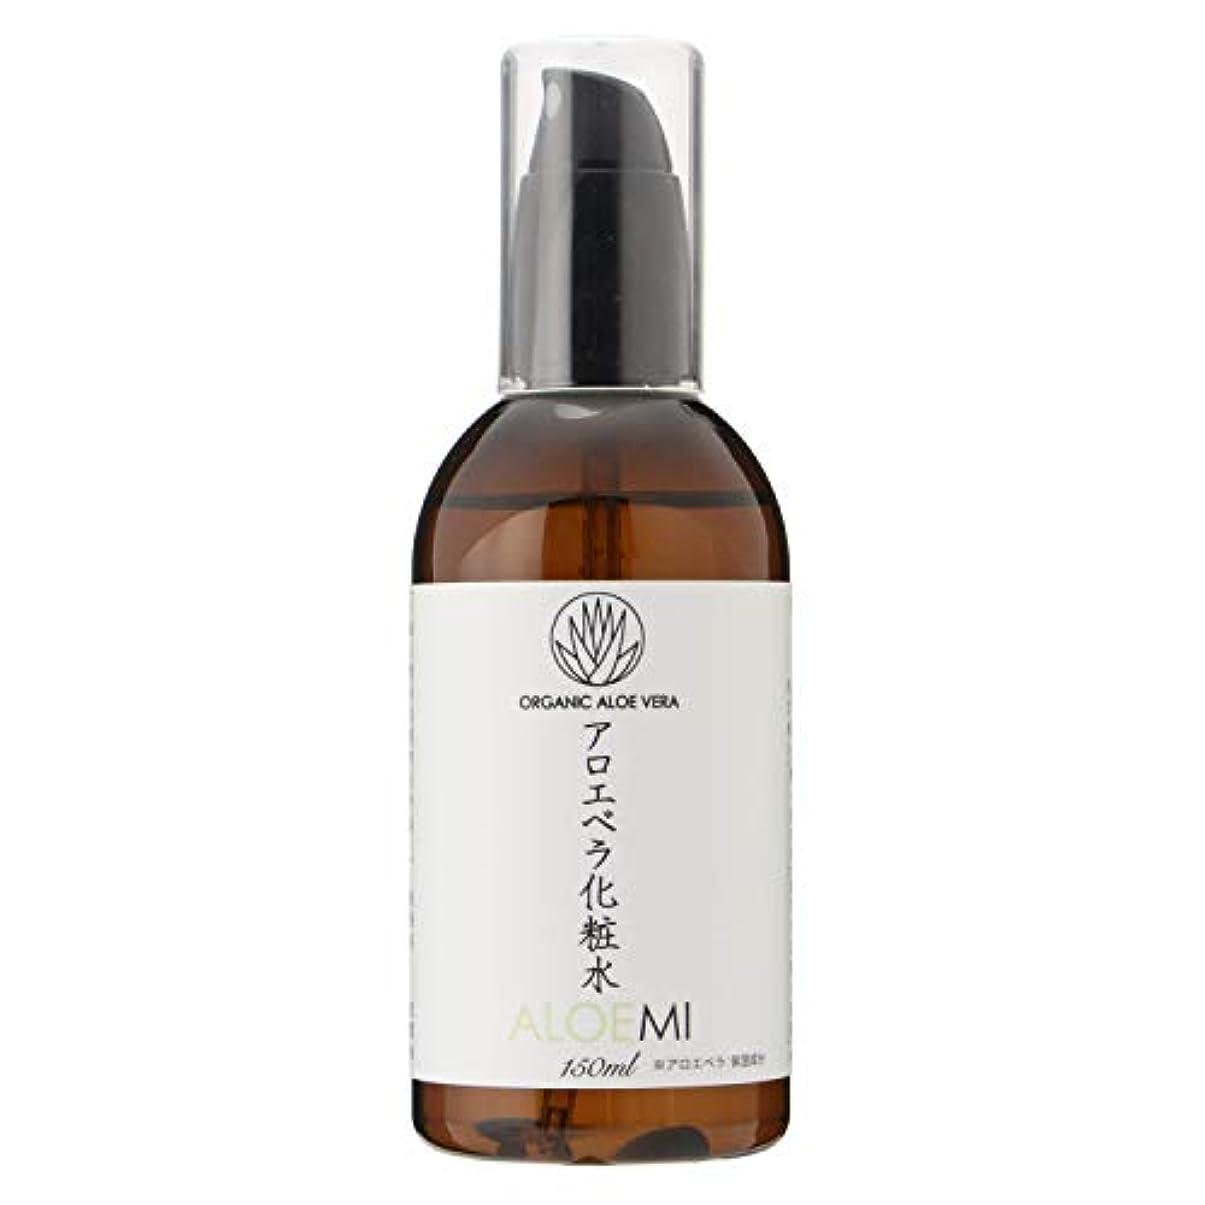 宿泊効果的にコンテンツALOEMI(アロエベラ化粧水)150ml ローション